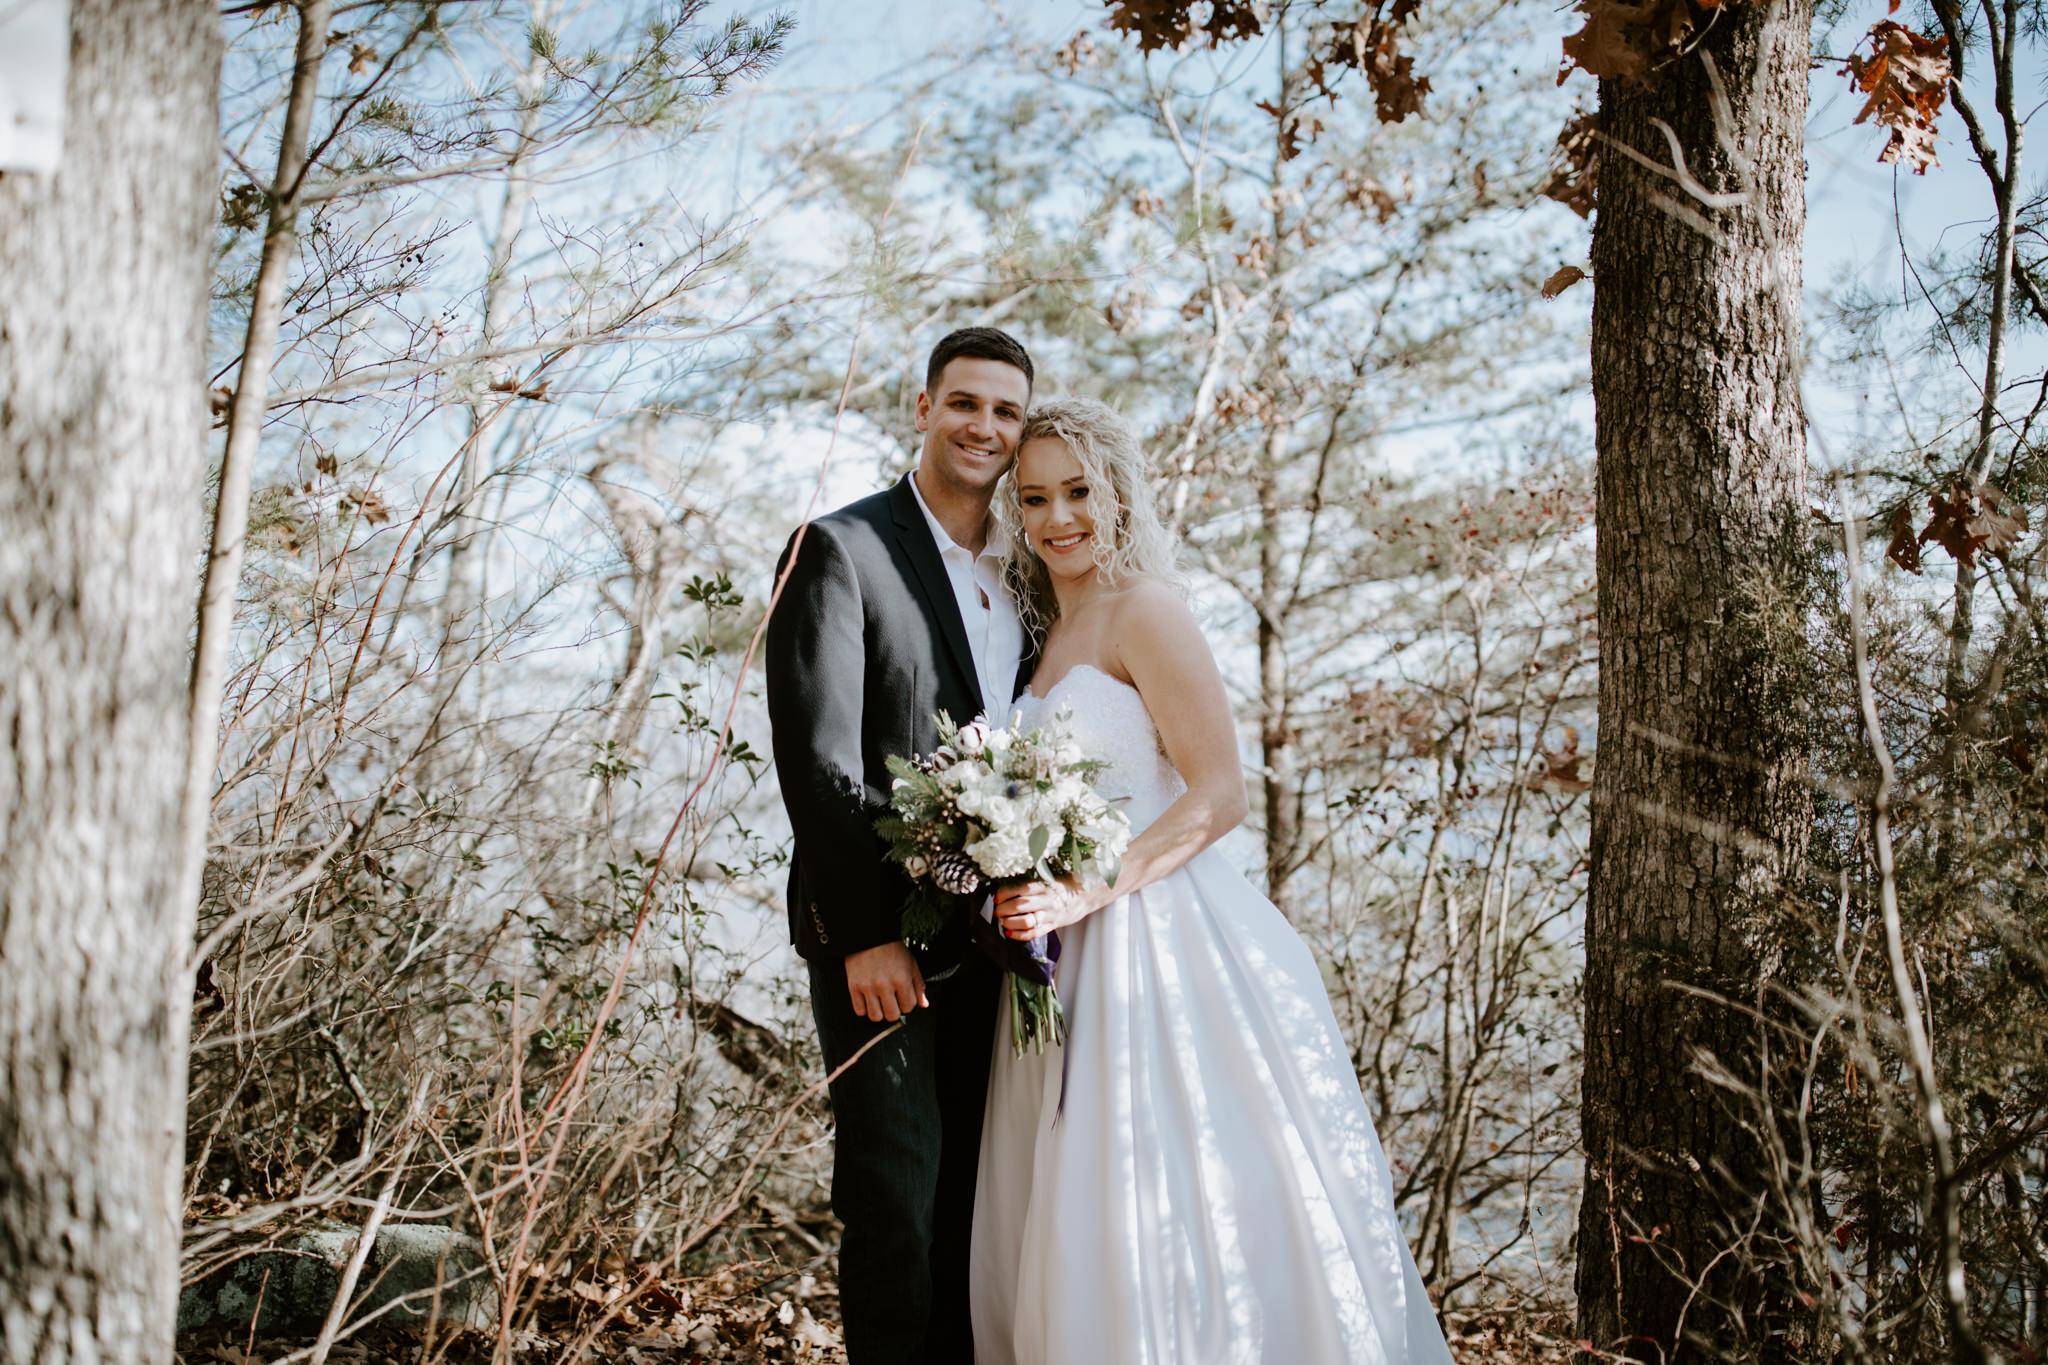 Lauren-and-Trent-Chattanooga-Nashville-Wedding-Elopement-Photographer-6.jpg